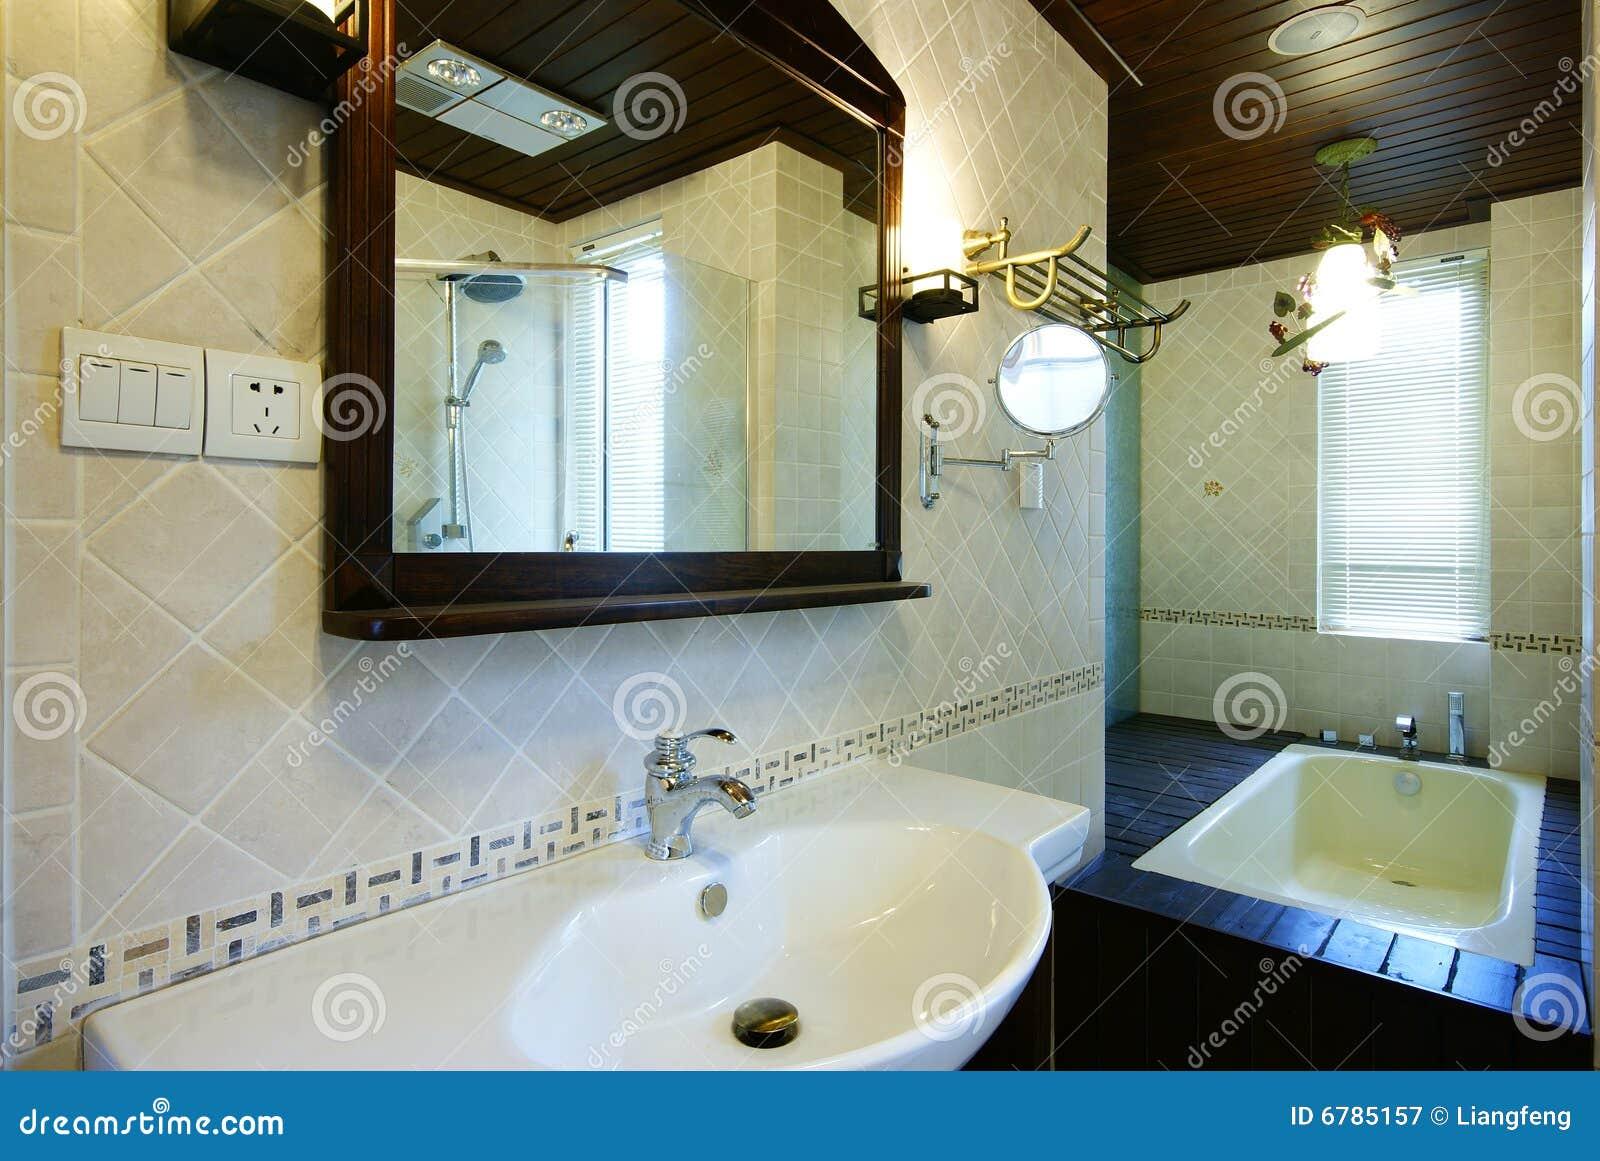 De decoratie van het huis royalty vrije stock fotografie afbeelding 6785157 - Afbeelding van huisdecoratie ...